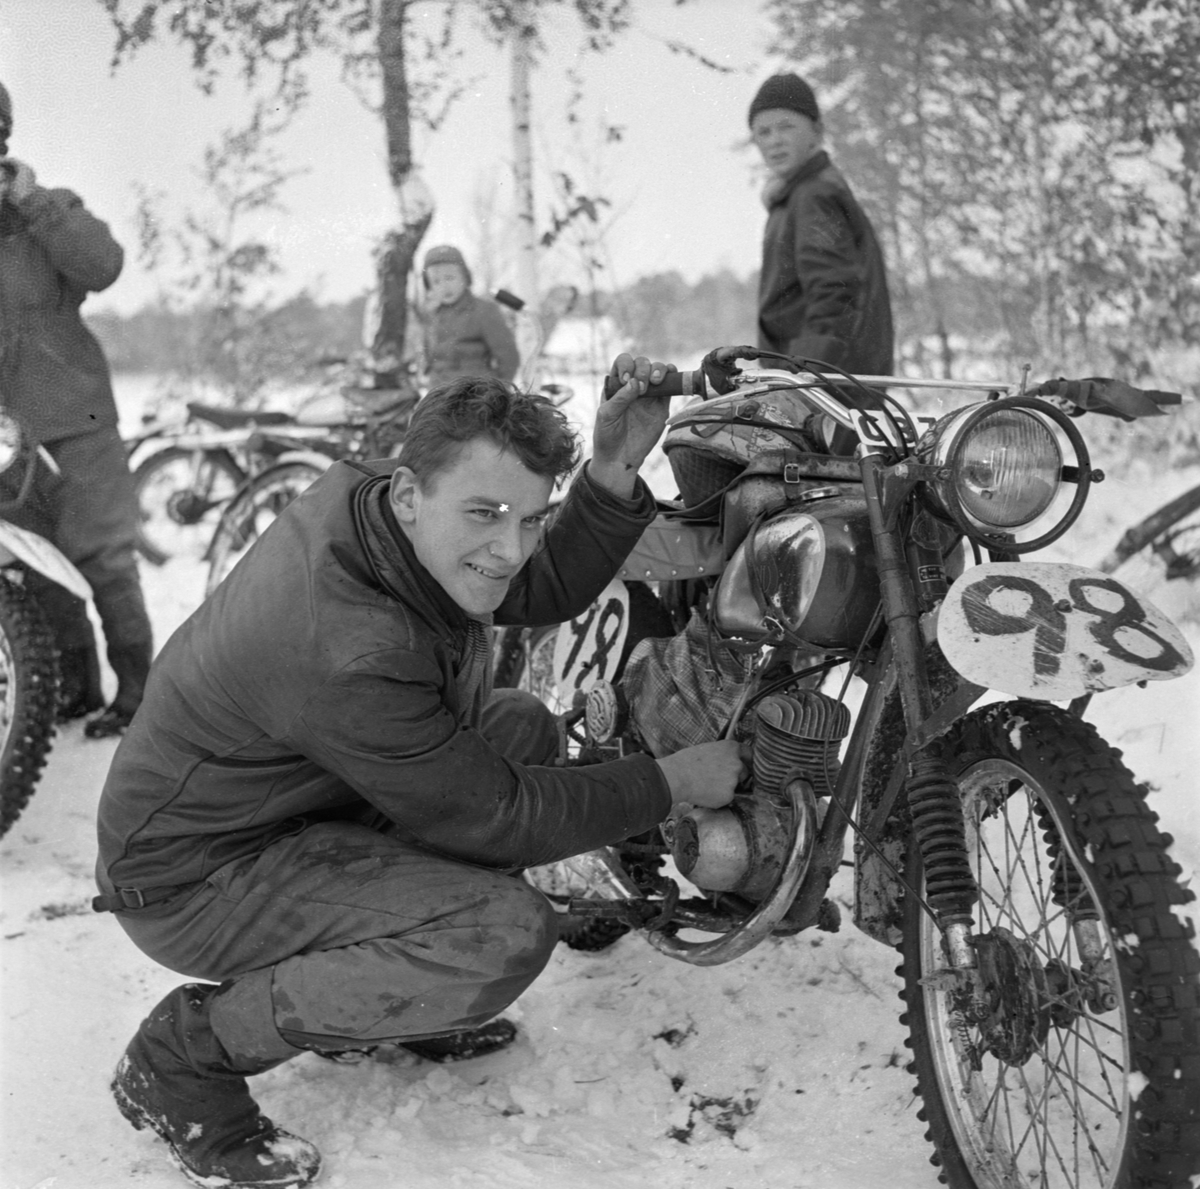 """""""Många goda prestationer"""" i motorcykeltävlingen Stigstråket, sannolikt Österbybruk, Films socken, Uppland oktober 1955. Rolf Nilsson från SMK Uppsala vid sin motorcykel"""